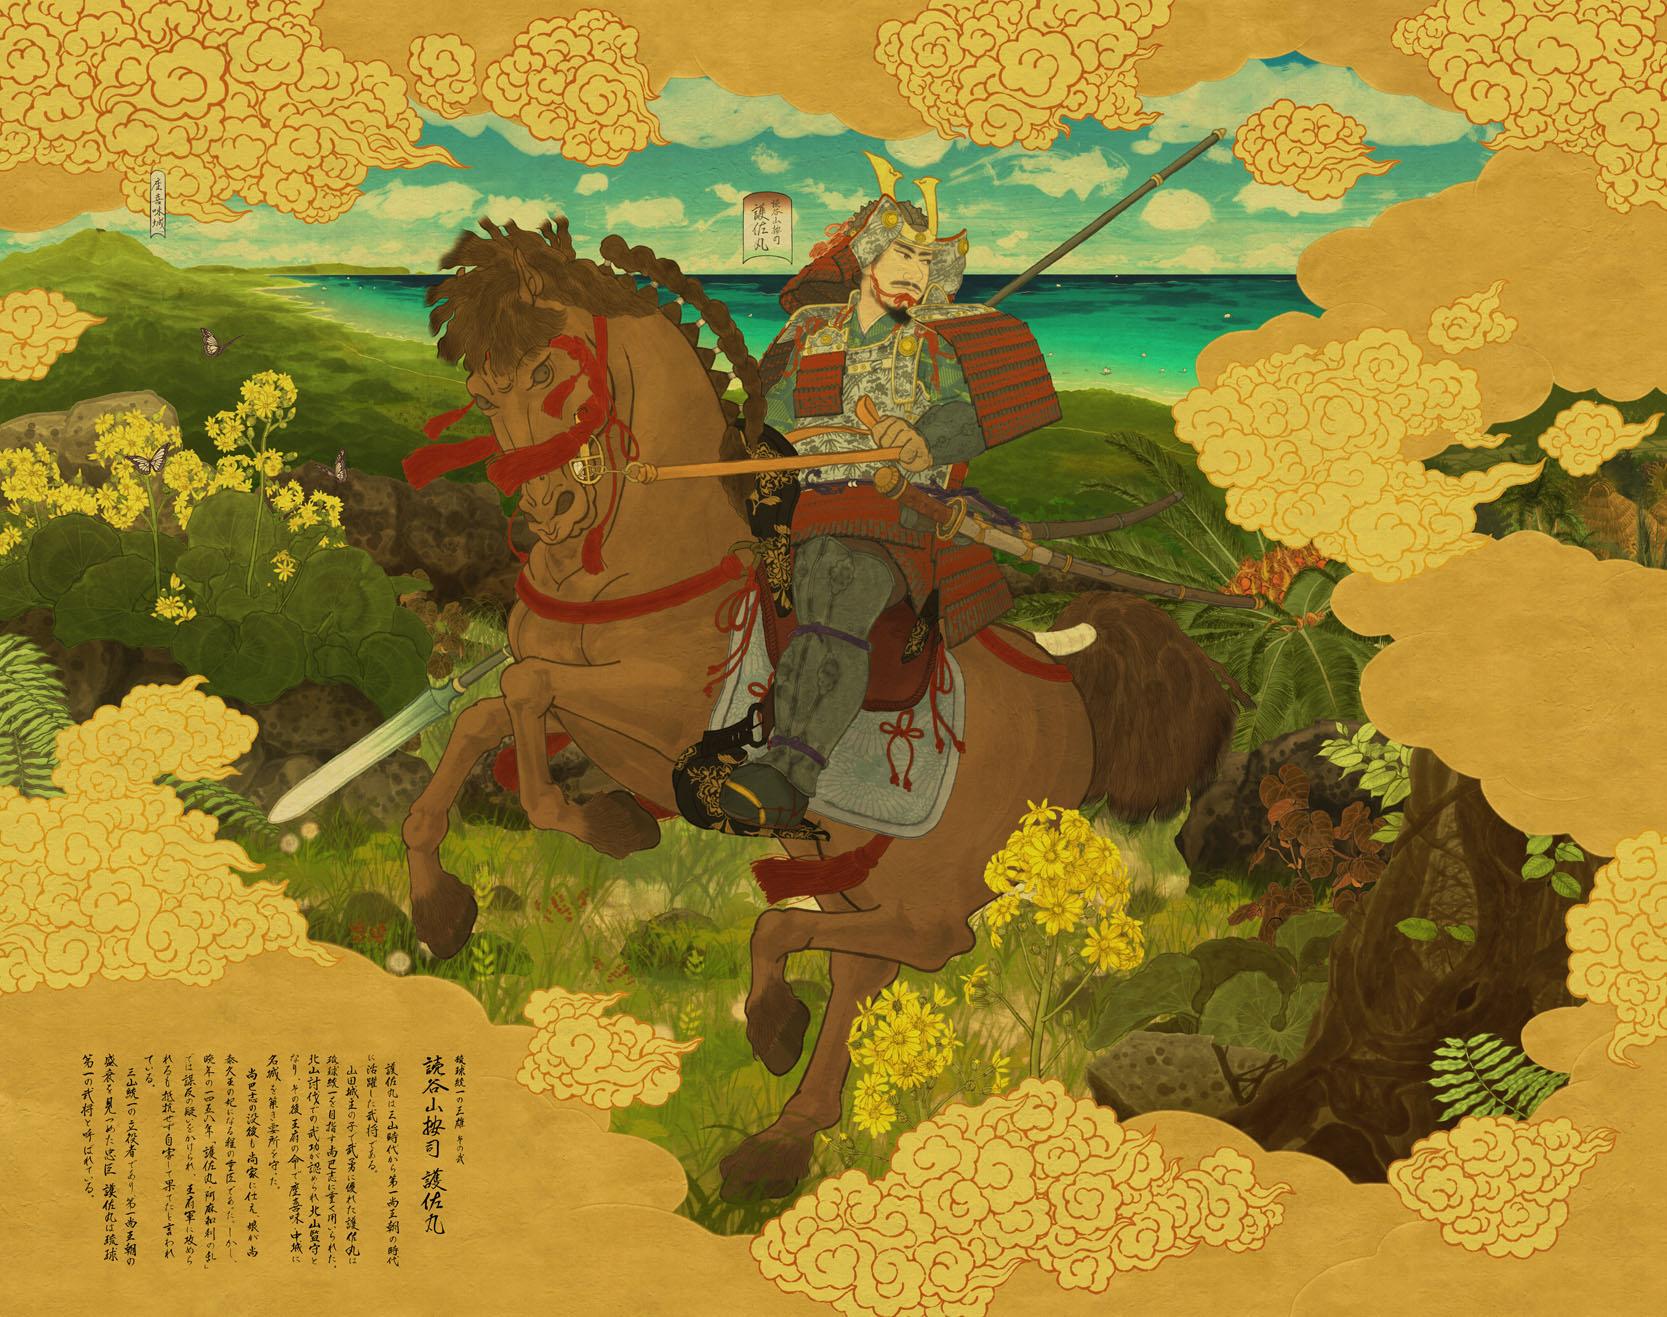 【ムーダン】李氏朝鮮VS琉球王国7【ユタ】